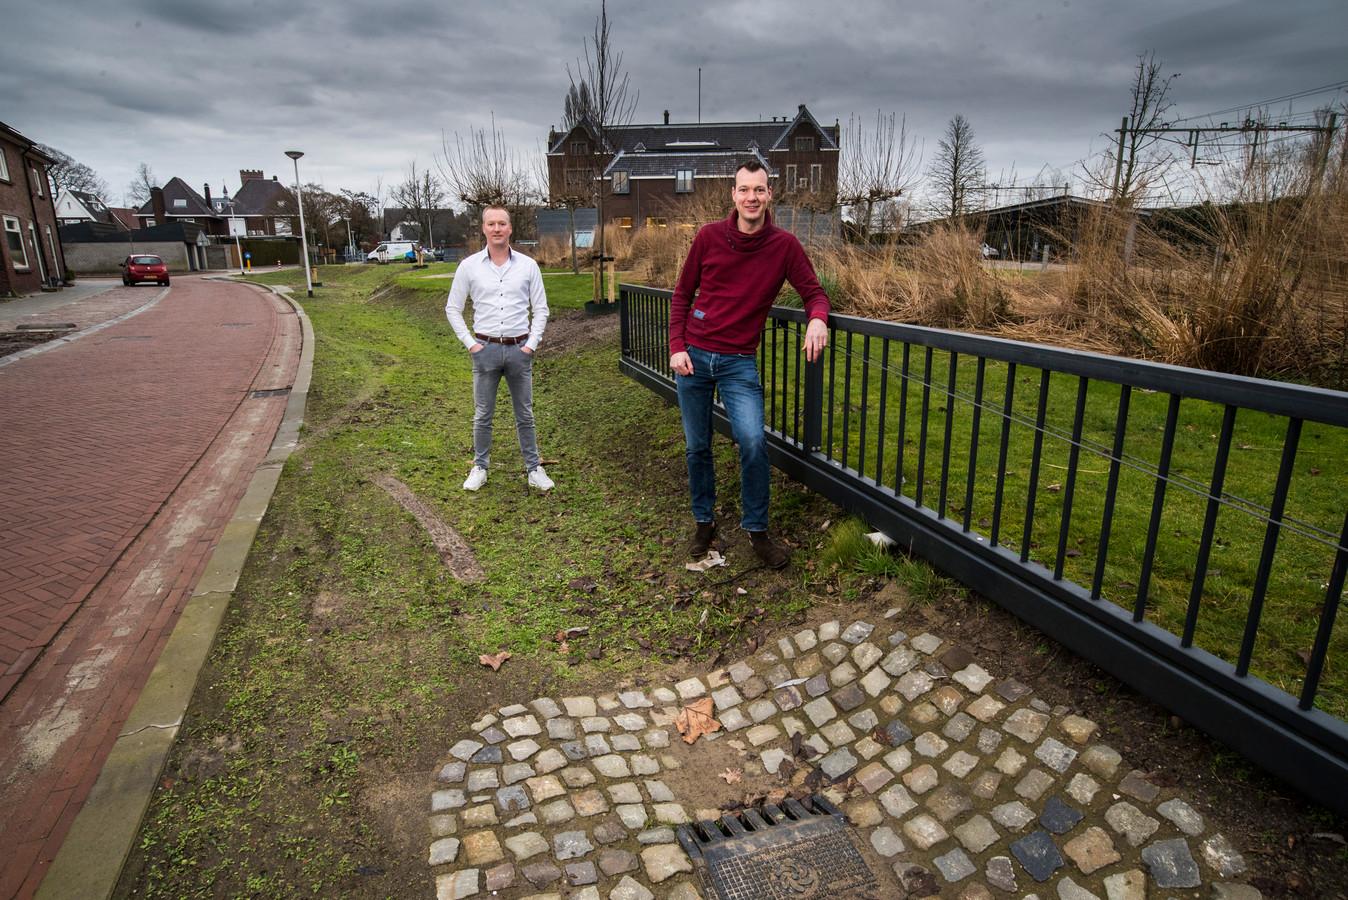 Joris Sprangers (WBO Wonen ) en Jeroen Buitenweg ( gemeente Oldenzaal ) staan bij een wadi die het regenwater opvangt om verdroging grond te voorkomen.